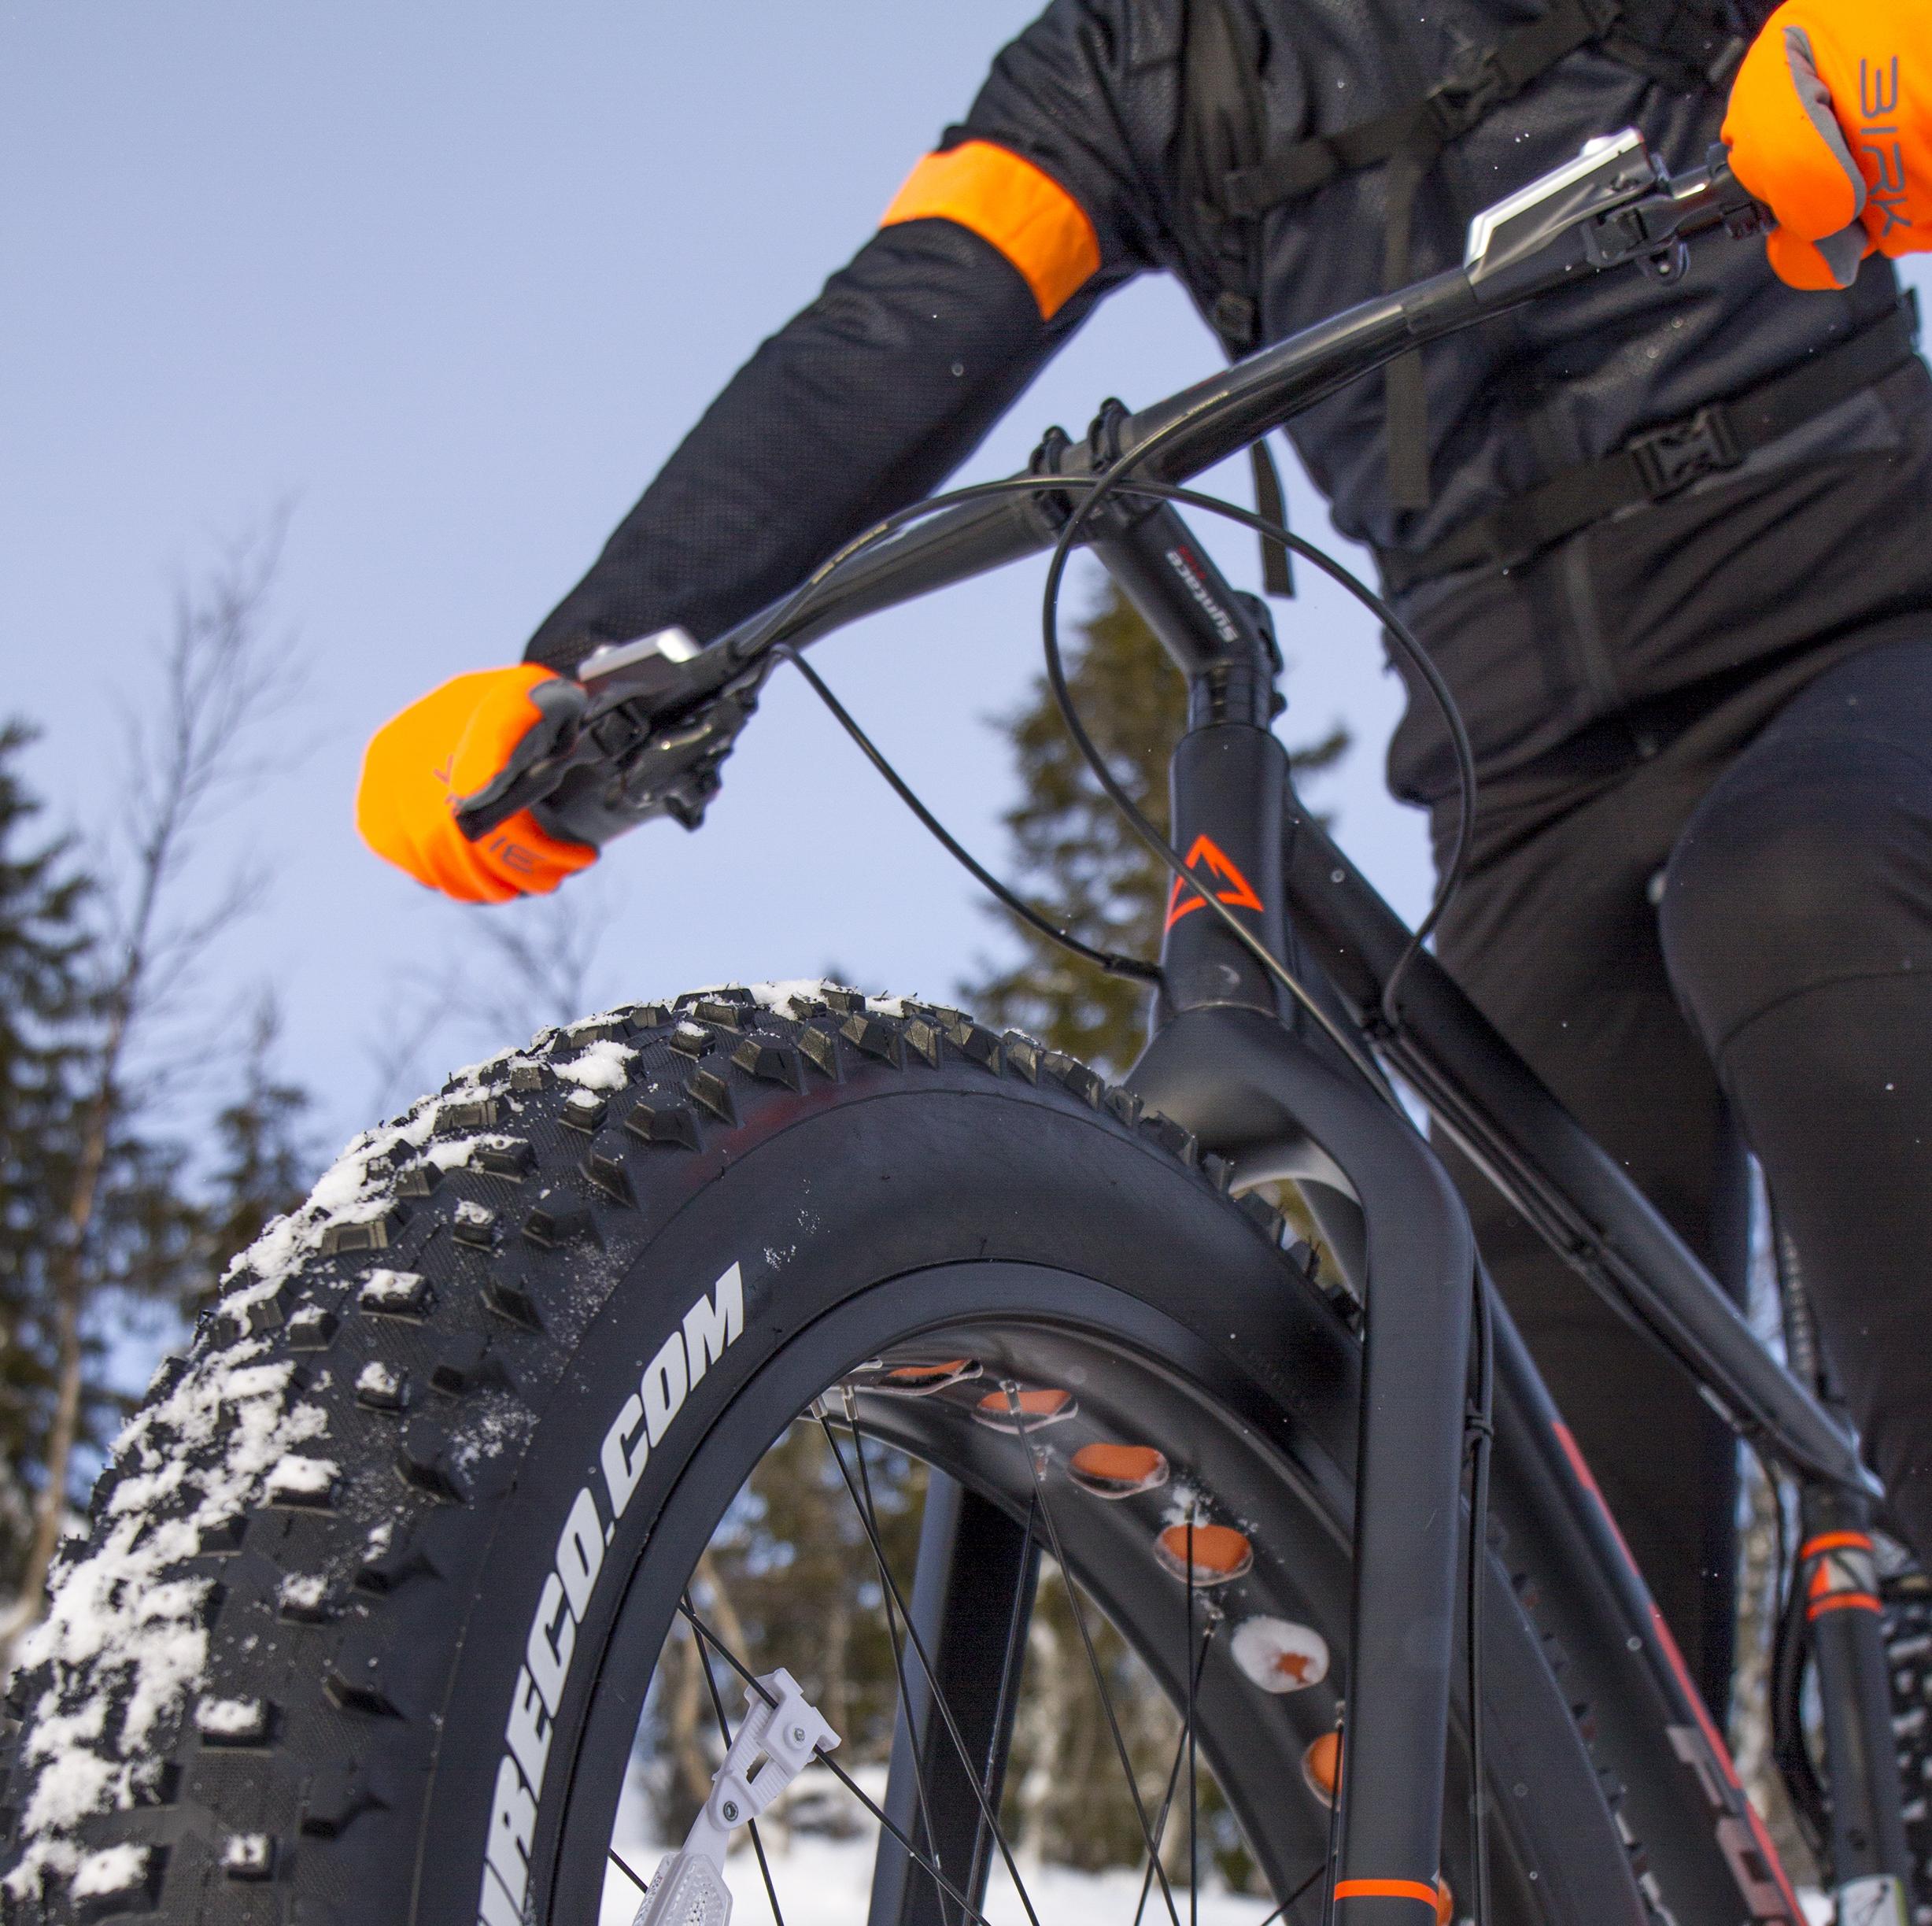 Produktomtale - Sykkeljakke til vår/høst fra Birk